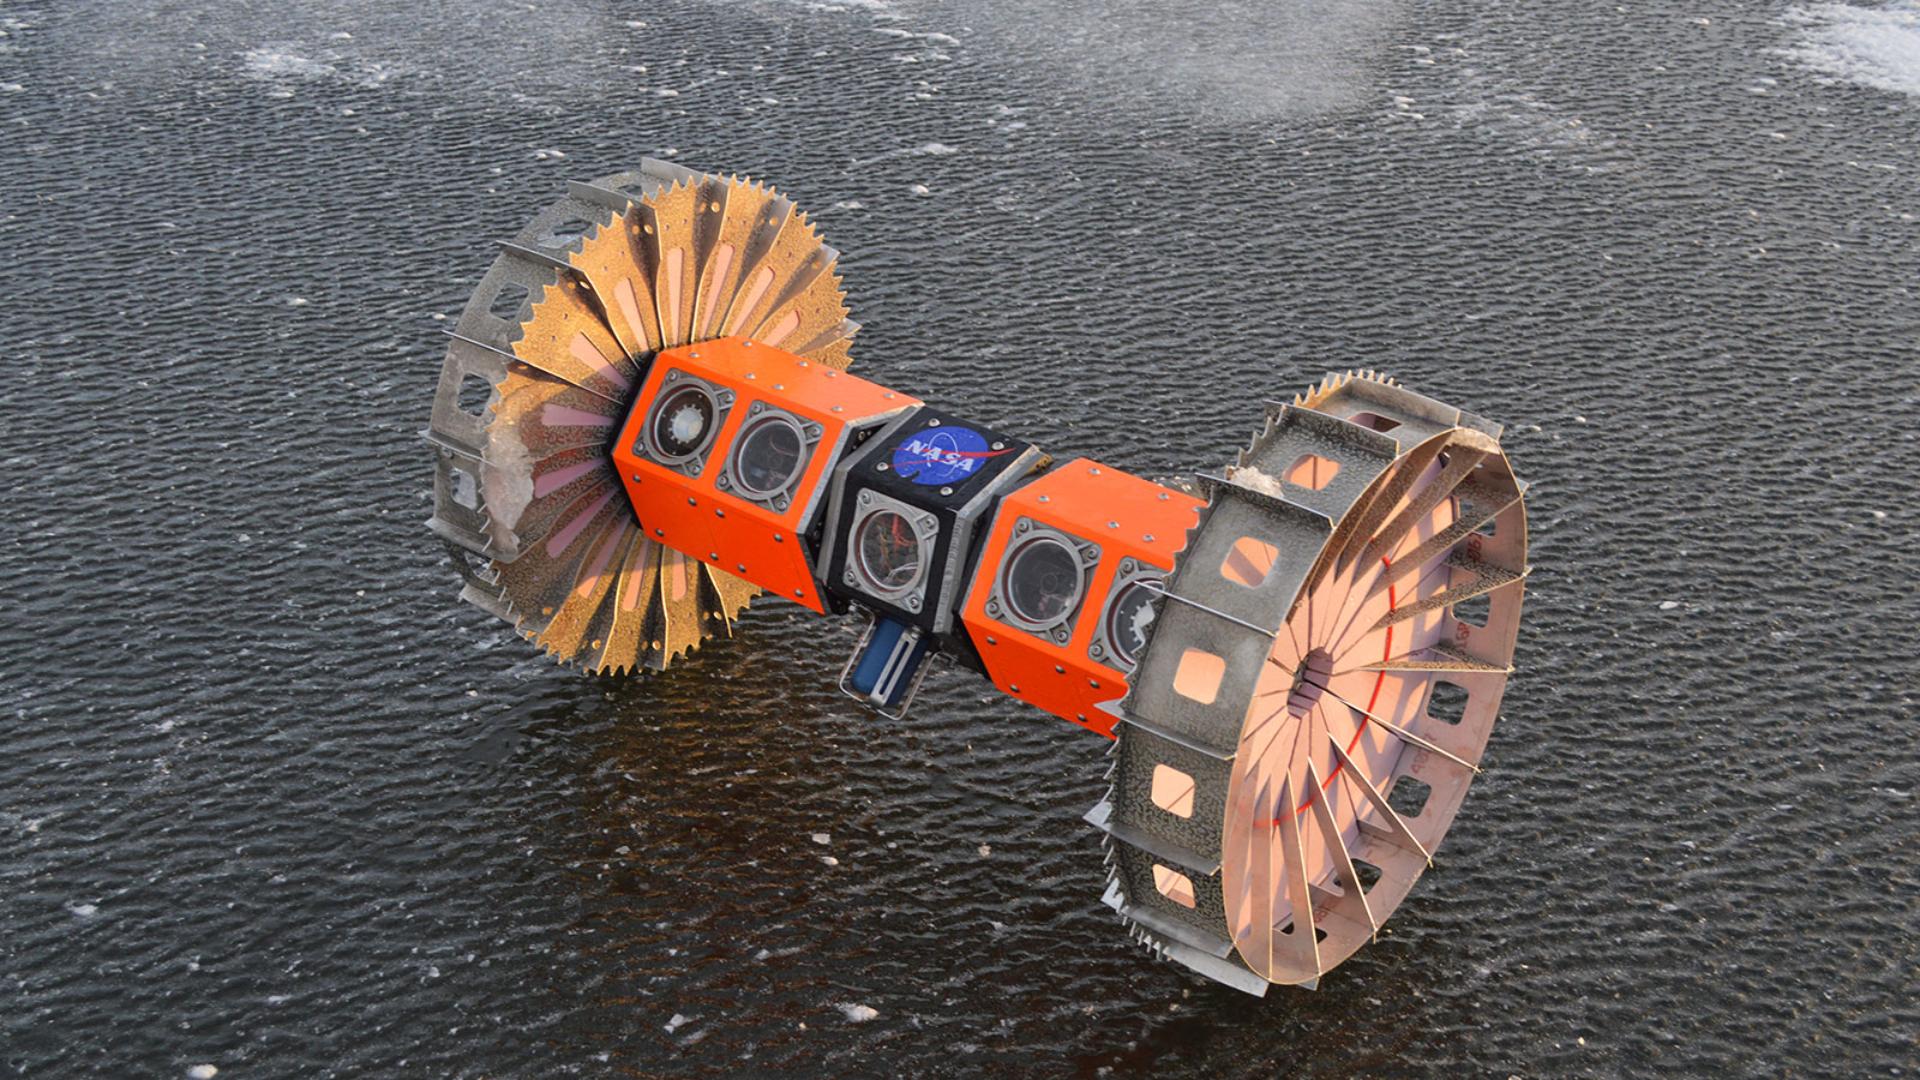 Cet adorable rover aquatique pourrait aider à chercher la vie extraterrestre